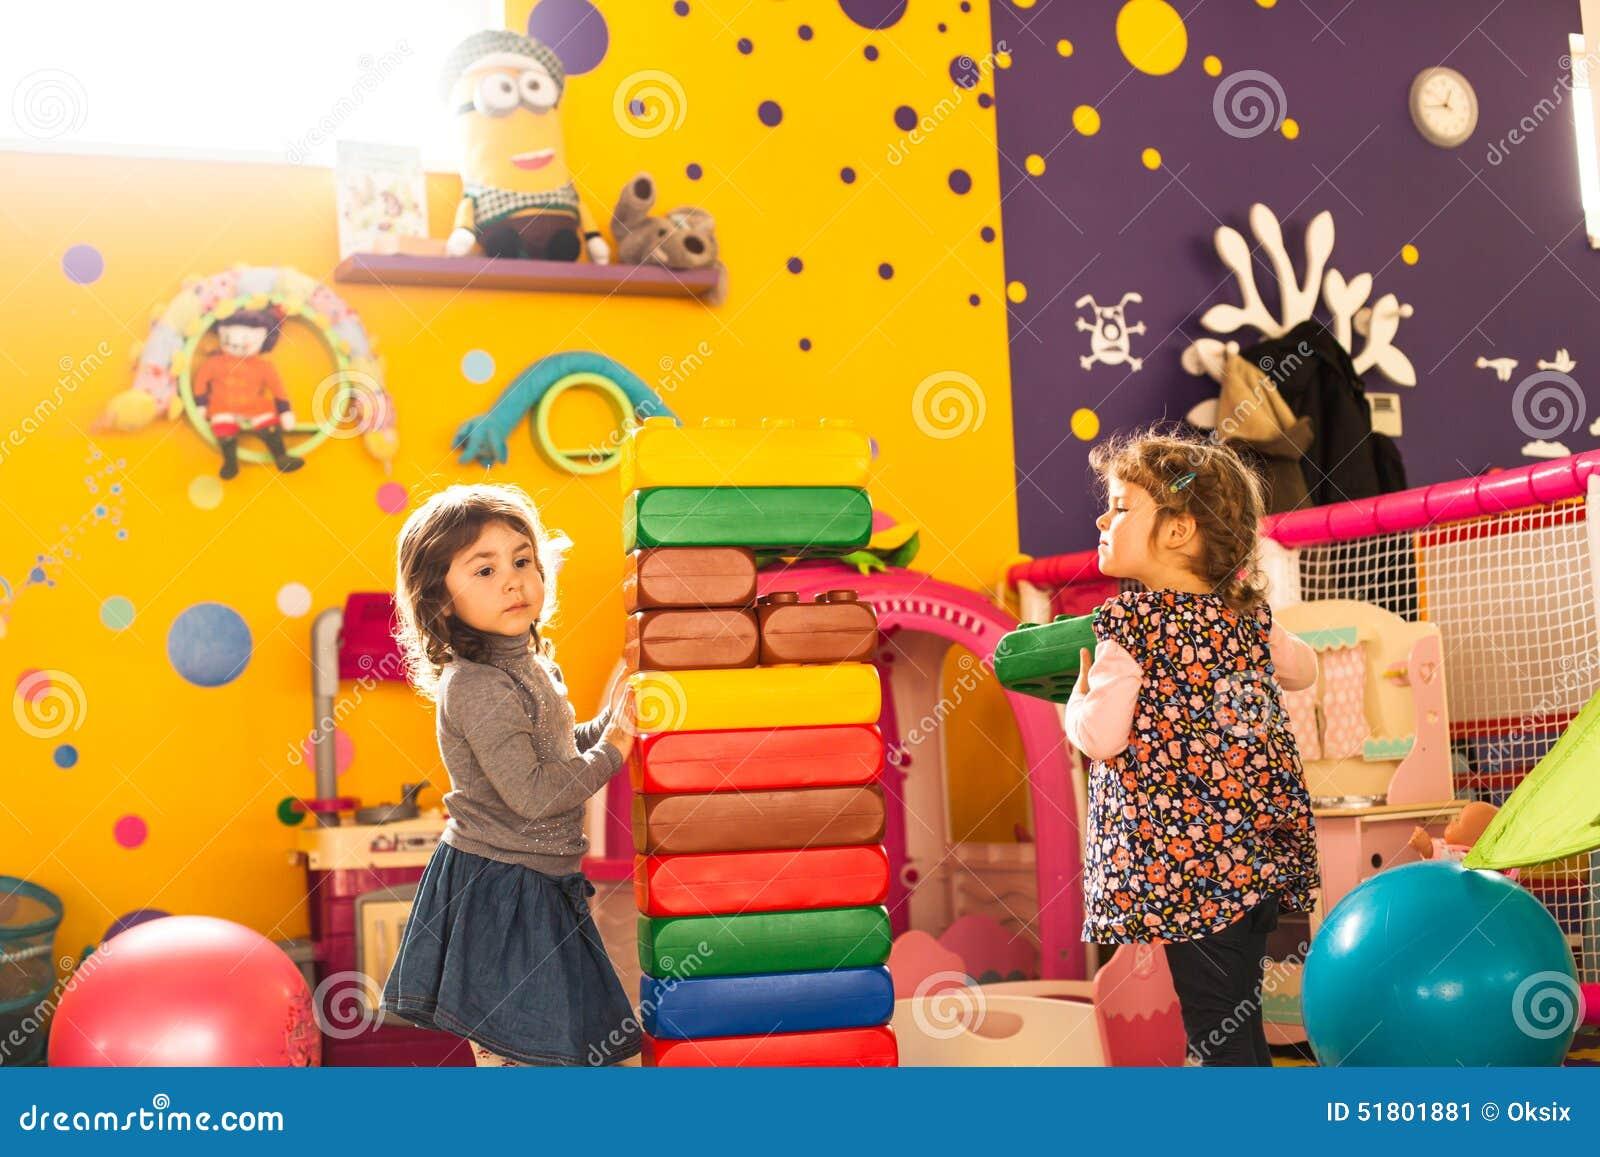 Spiel mit zwei Mädchen